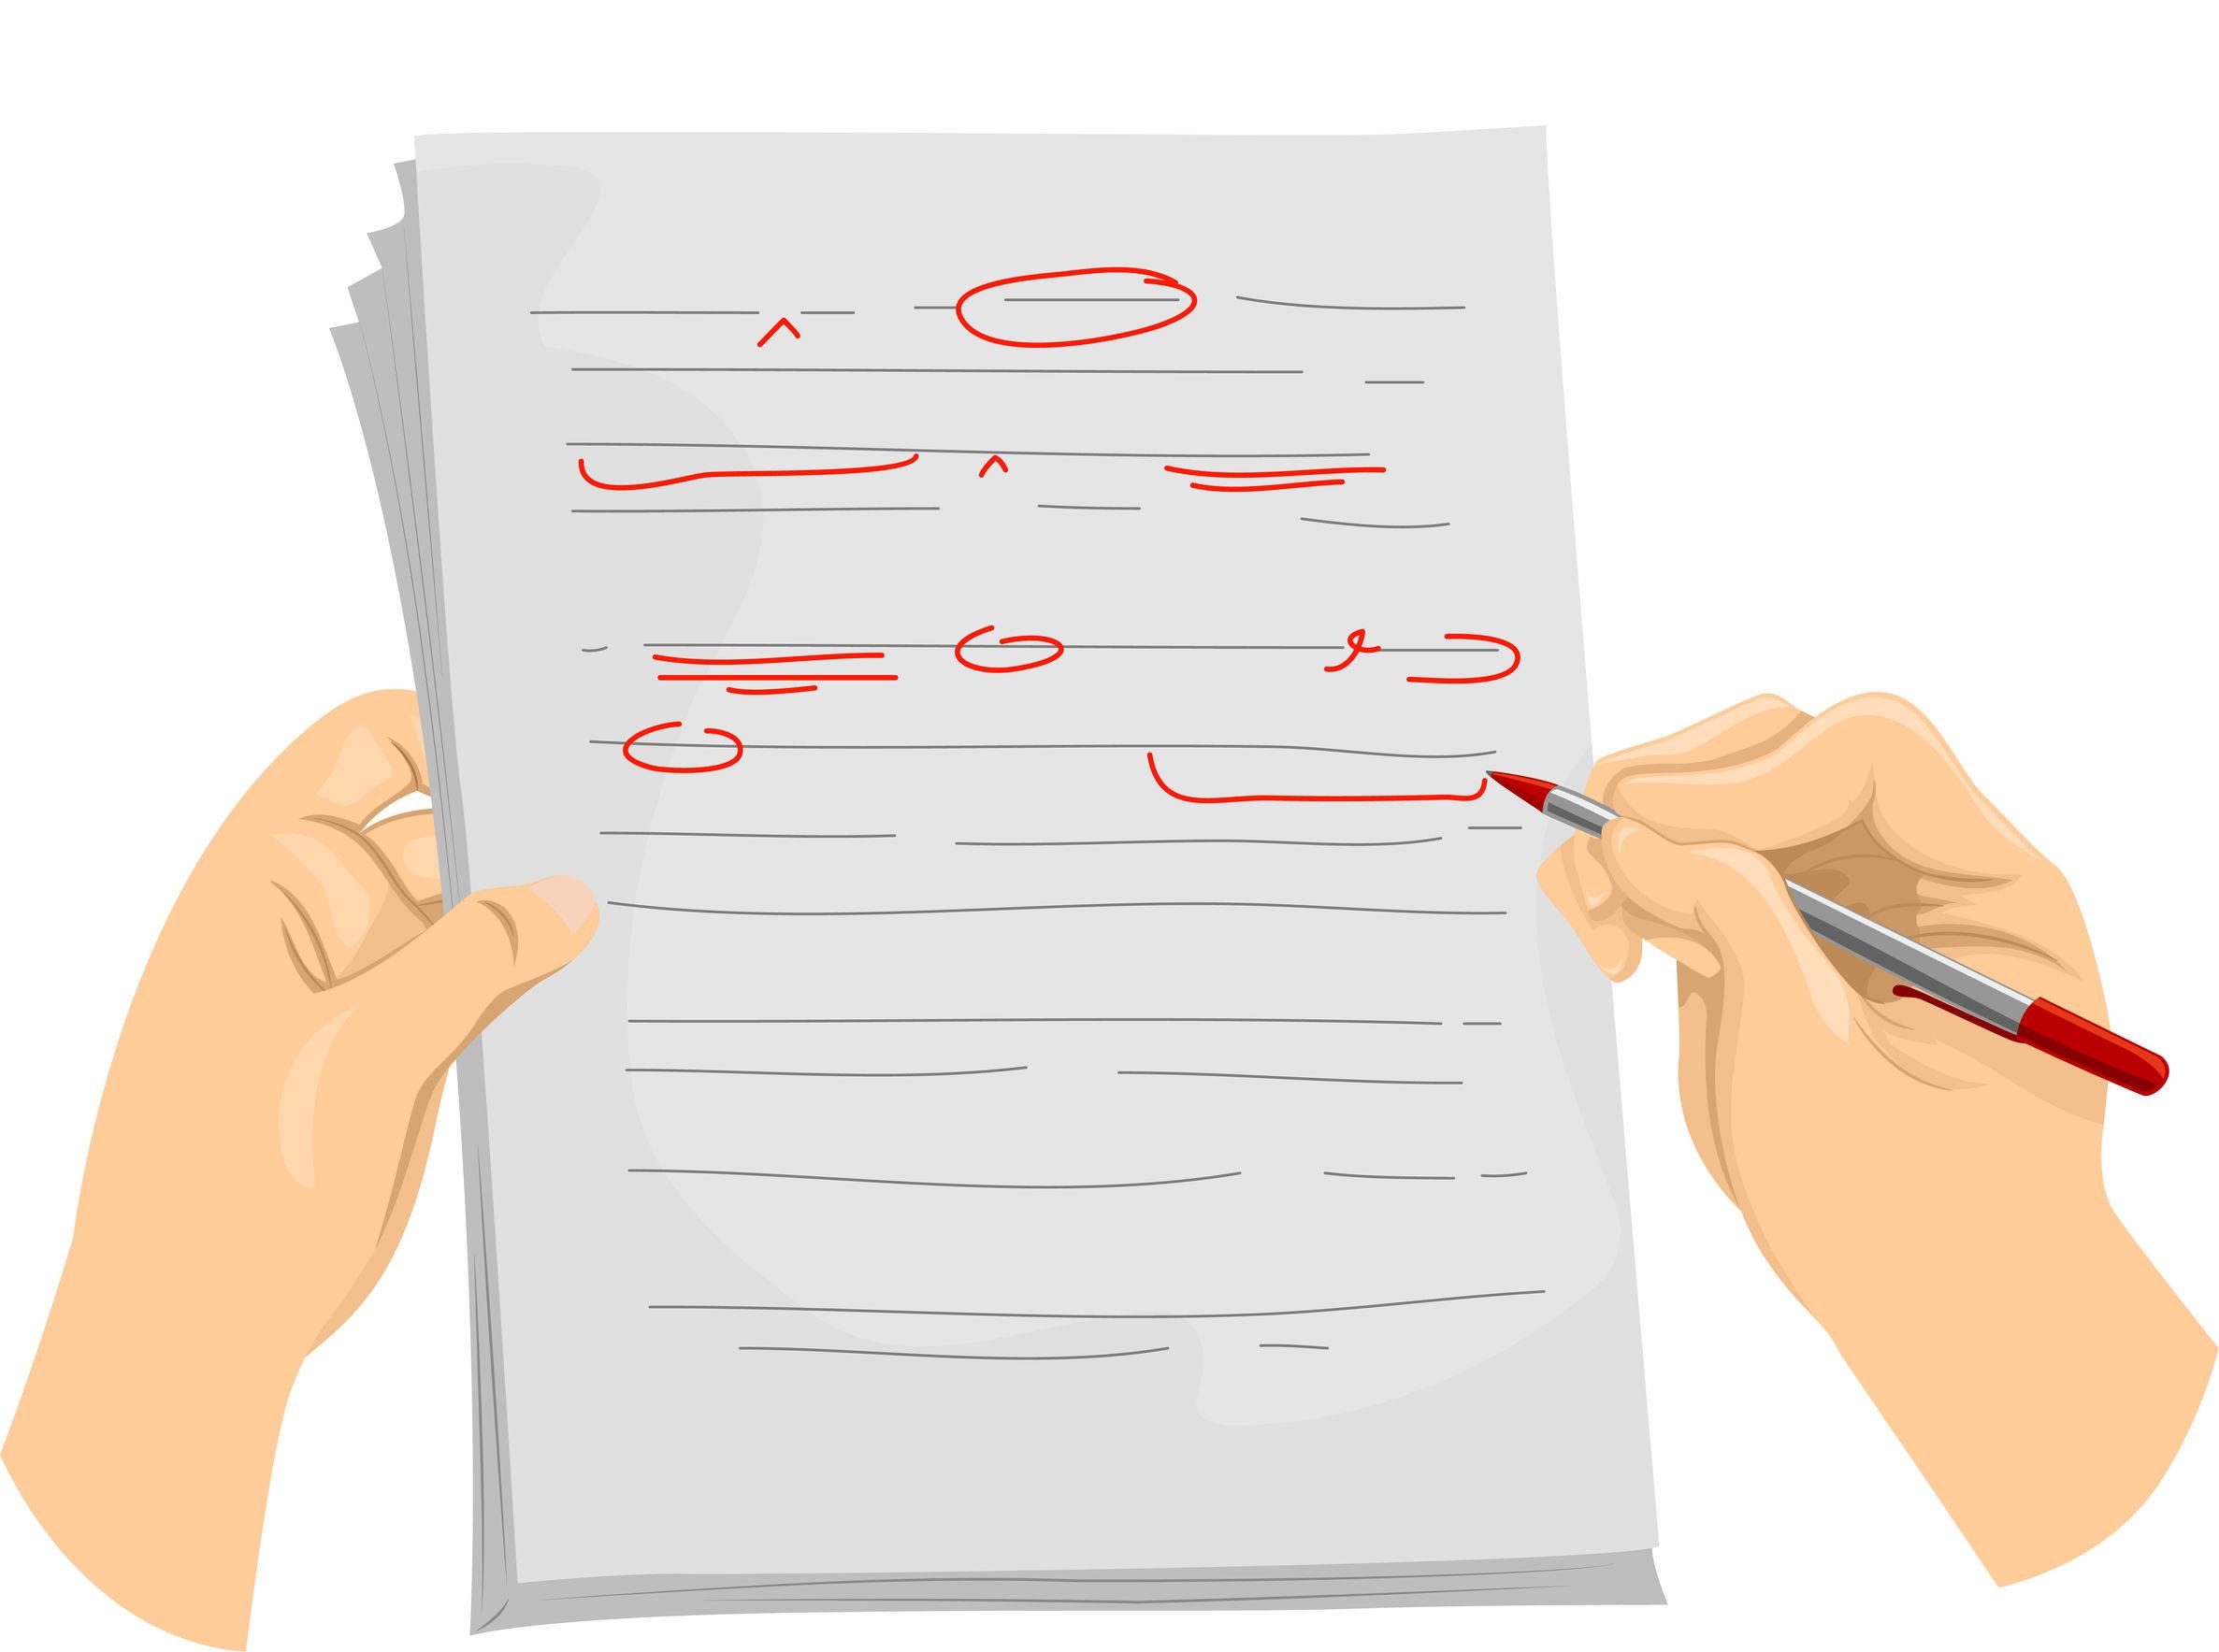 10 consejos para mejorar tu redacción | Leon Hunter